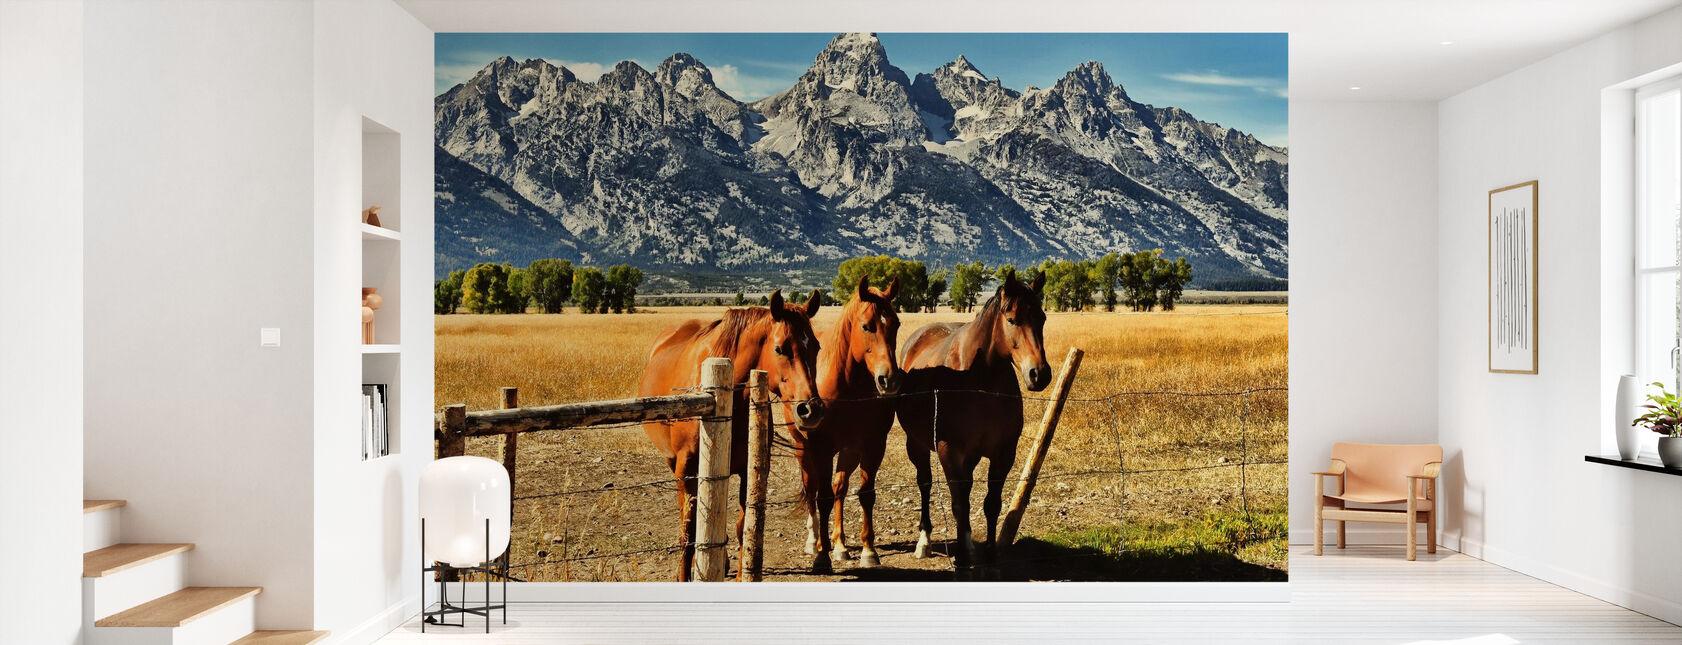 Trio in front of Teton Mountain Range - Wallpaper - Hallway